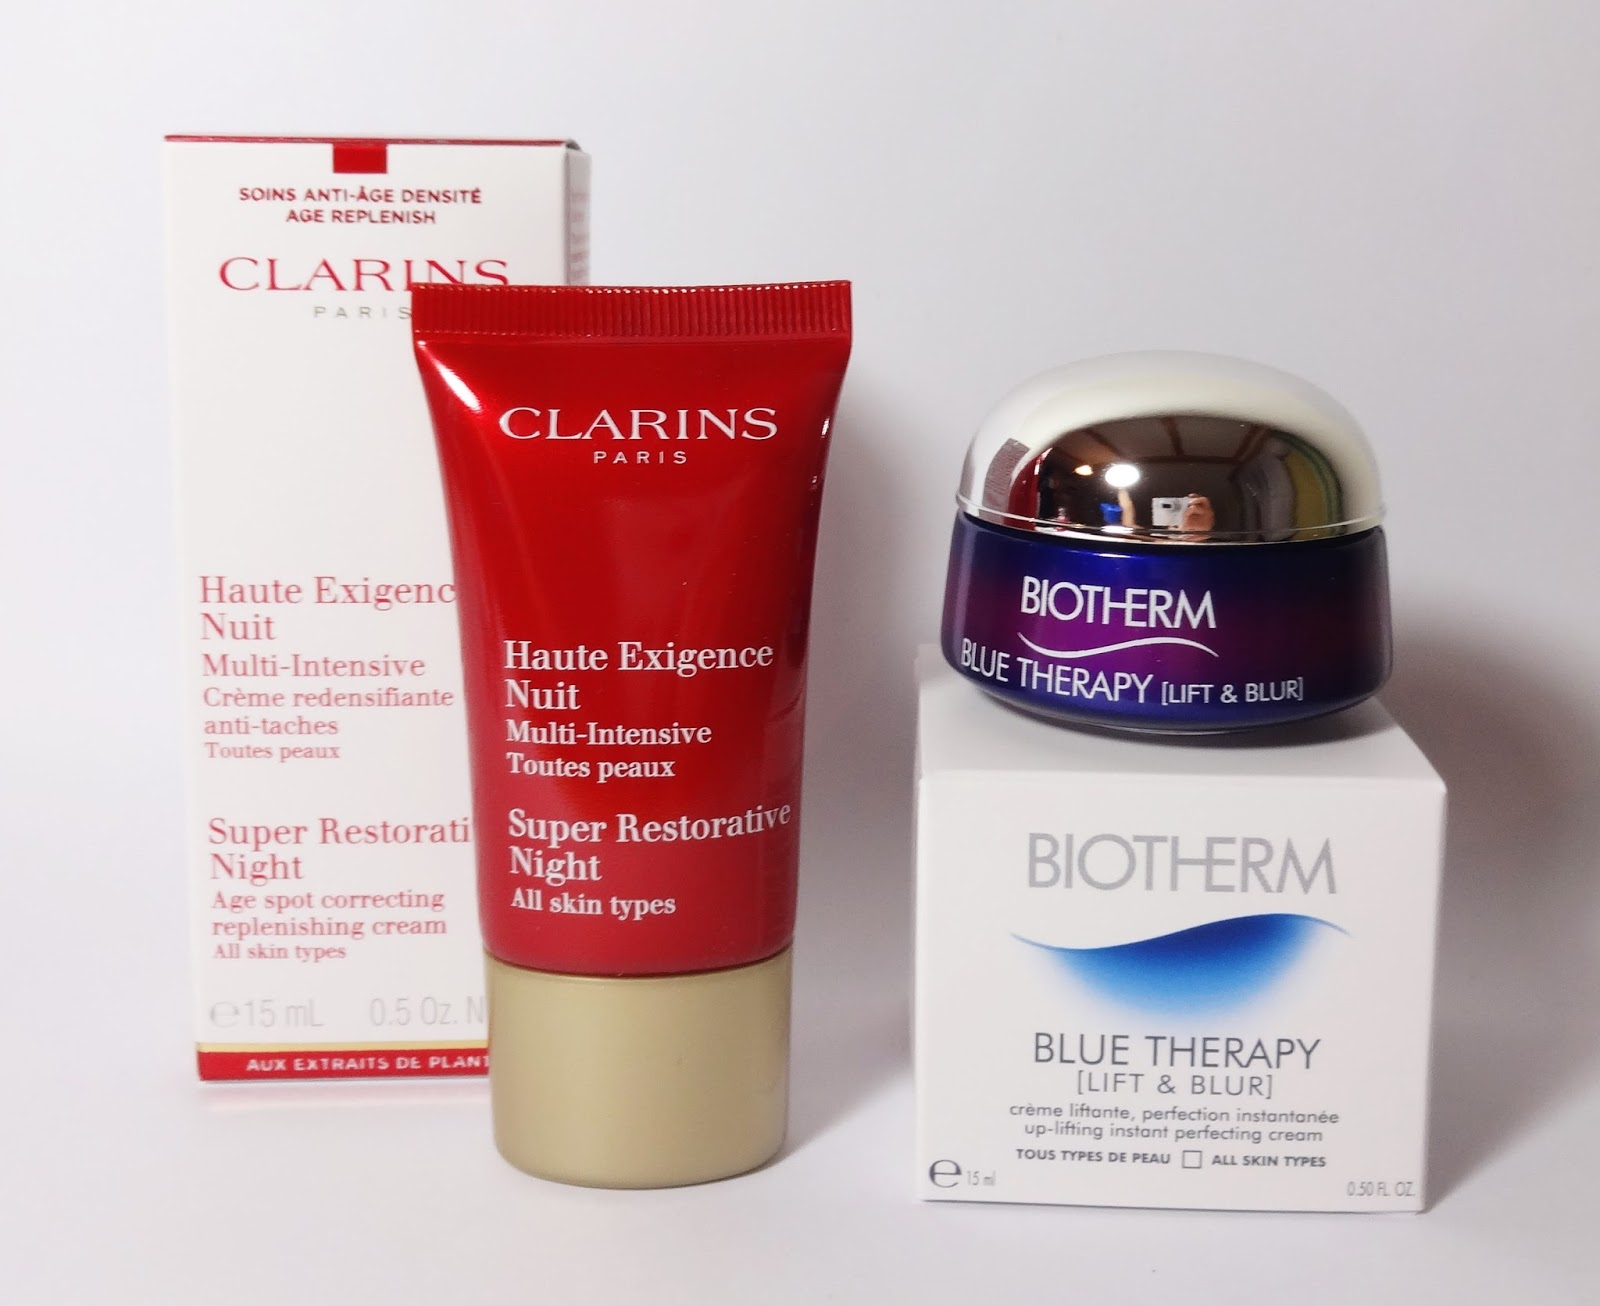 Clarins Biotherm